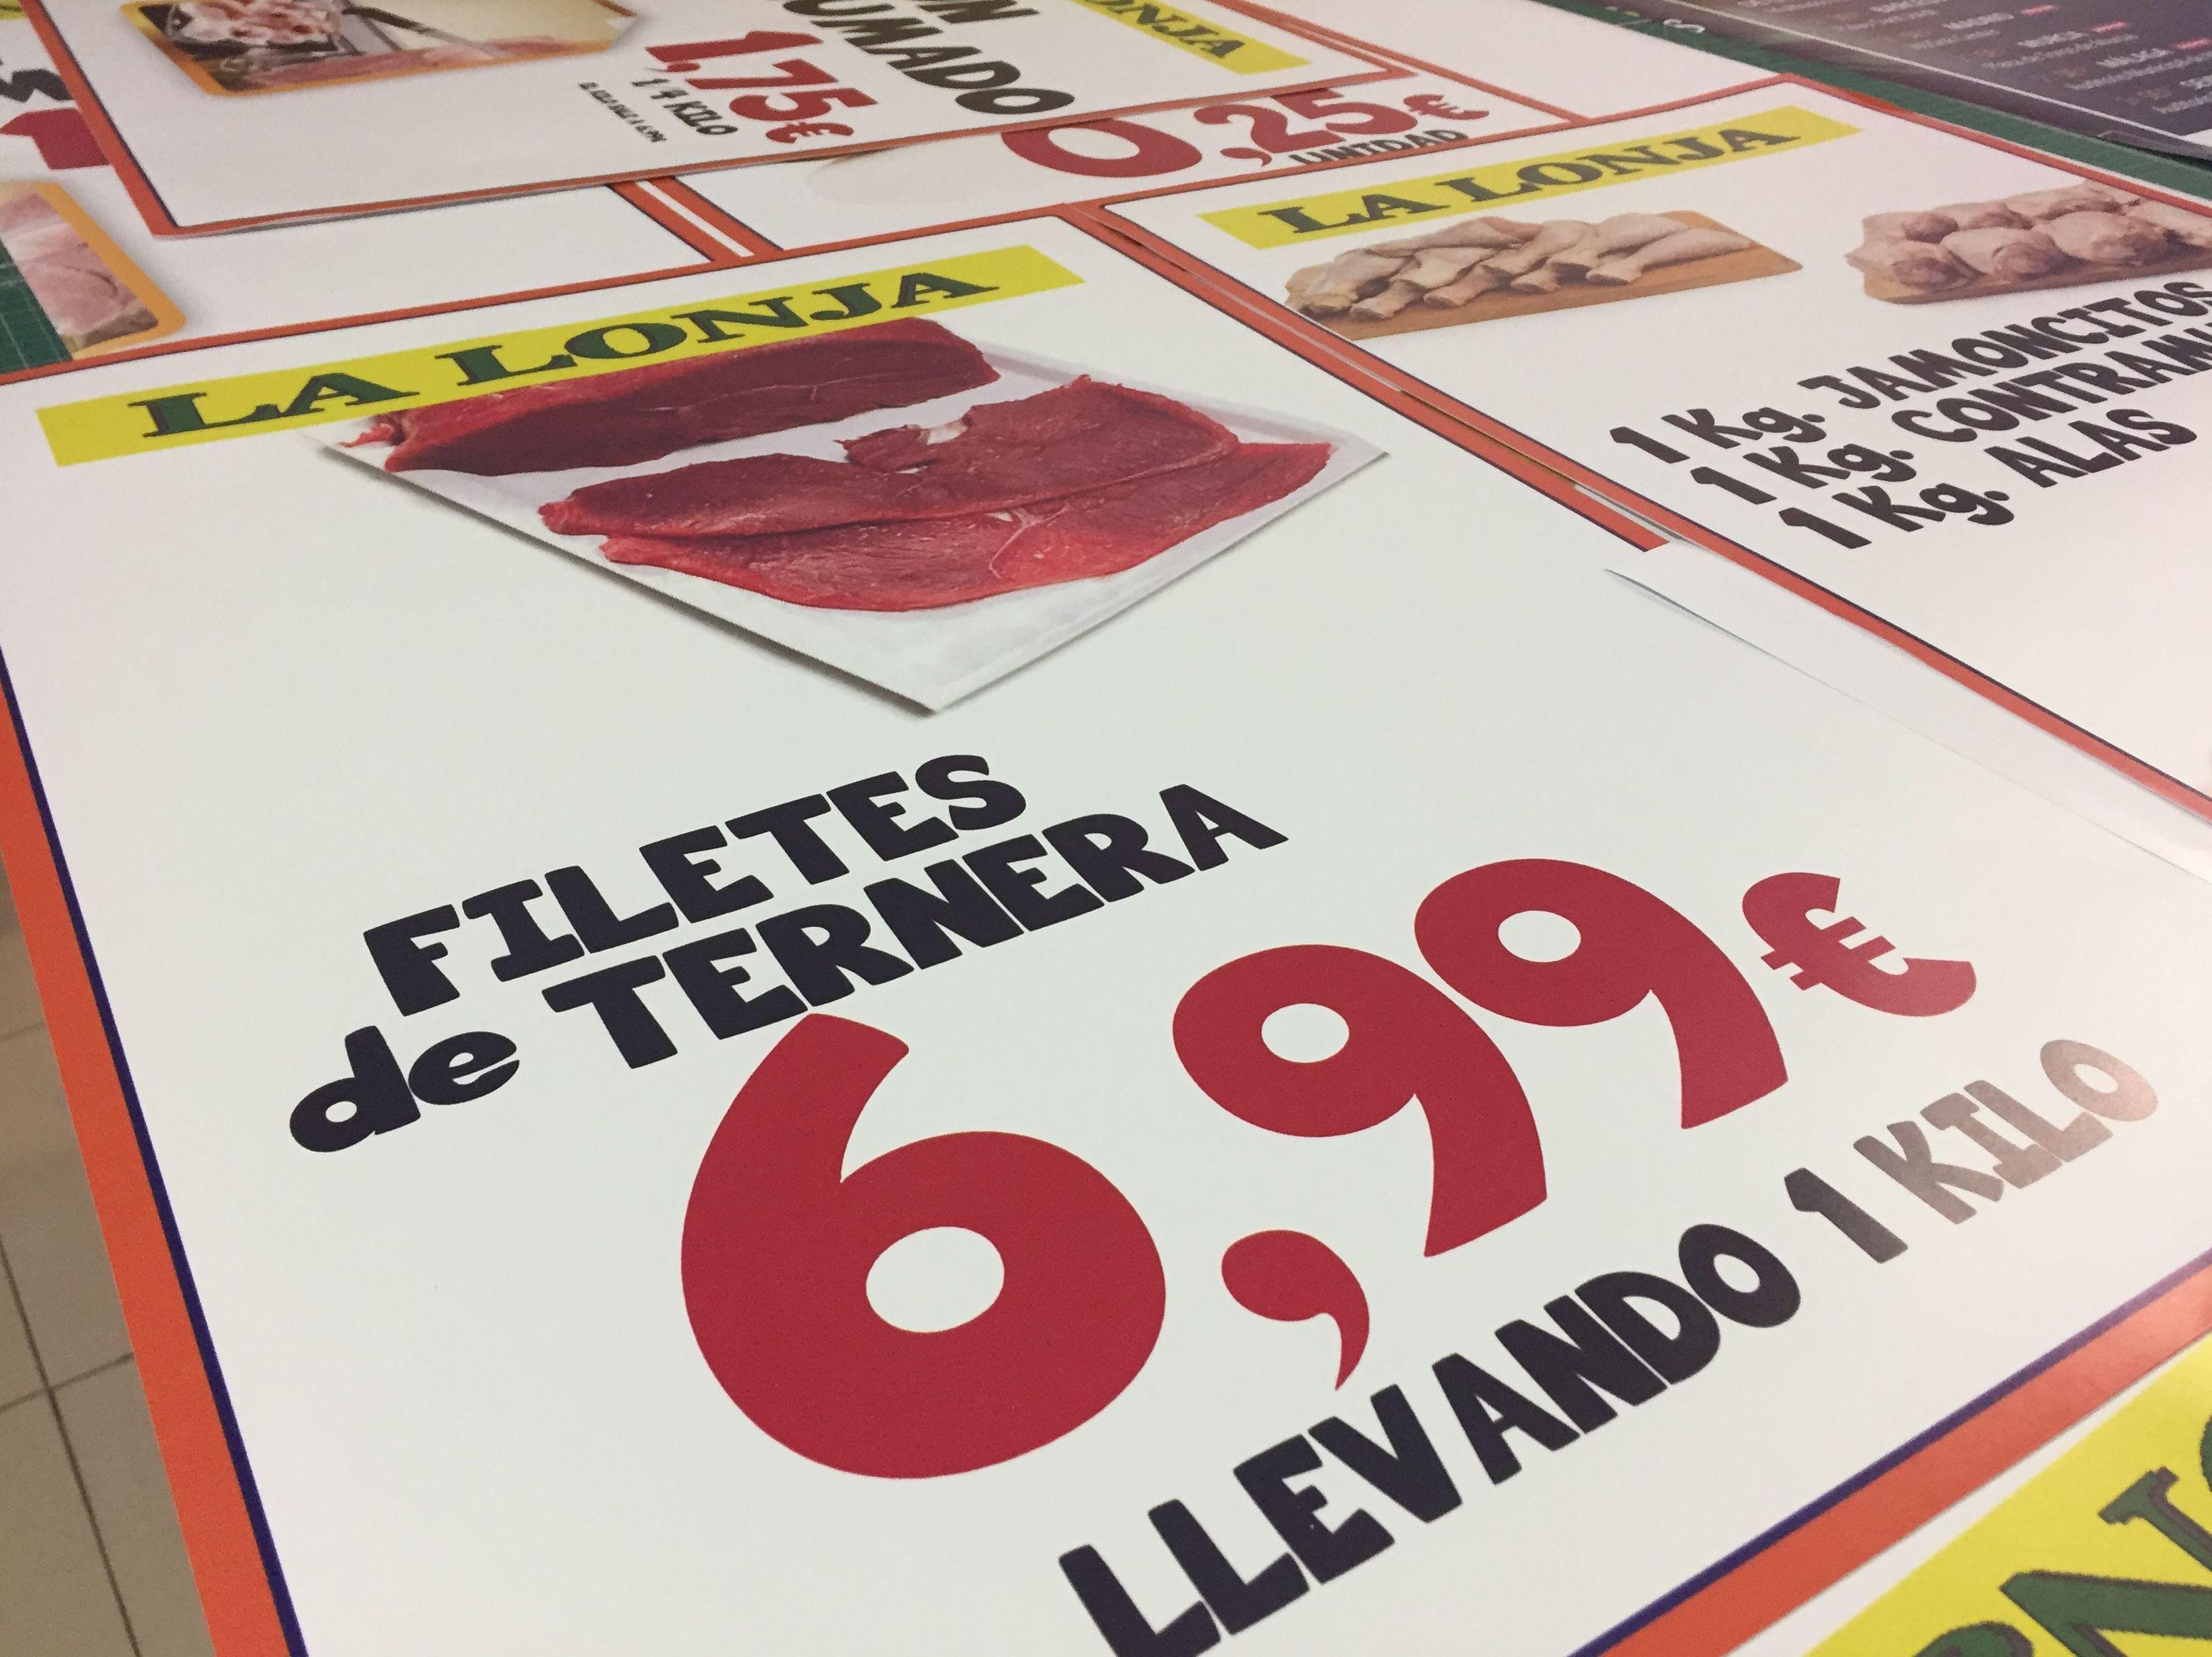 Foto 81 de Trabajos de diseño e impresión de gran calidad en Madrid | Megaprinter